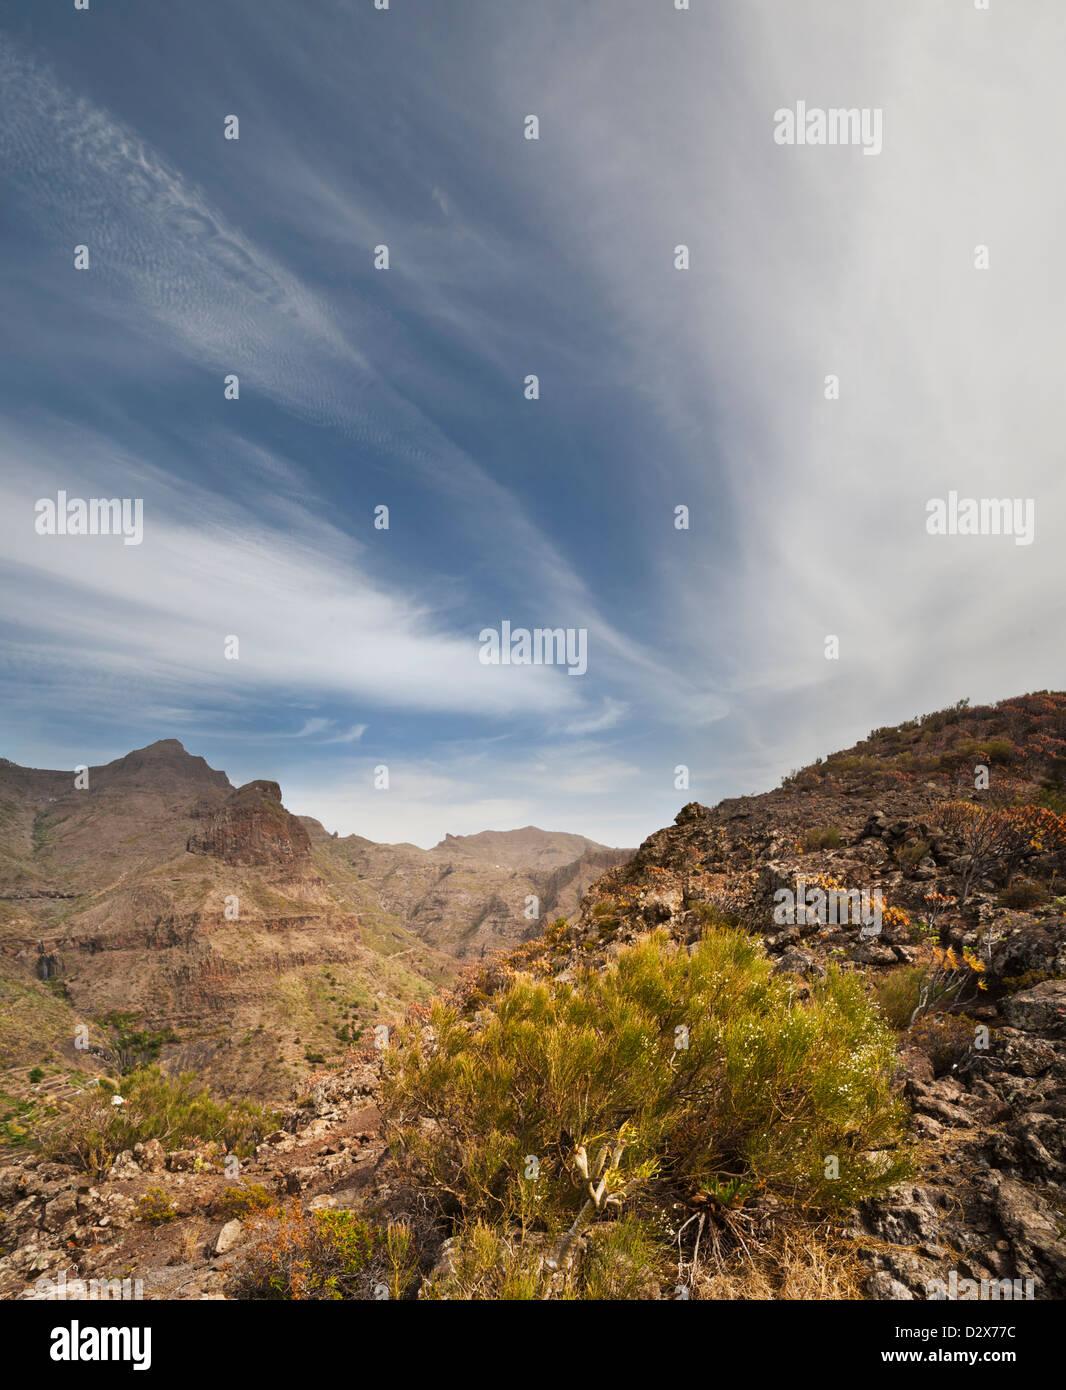 Weiß-blühenden Ginster (Retama Blanca) wächst auf einem hohen Felsen über der Stadt Masca, Teno-Massivs, Teneriffa Stockfoto